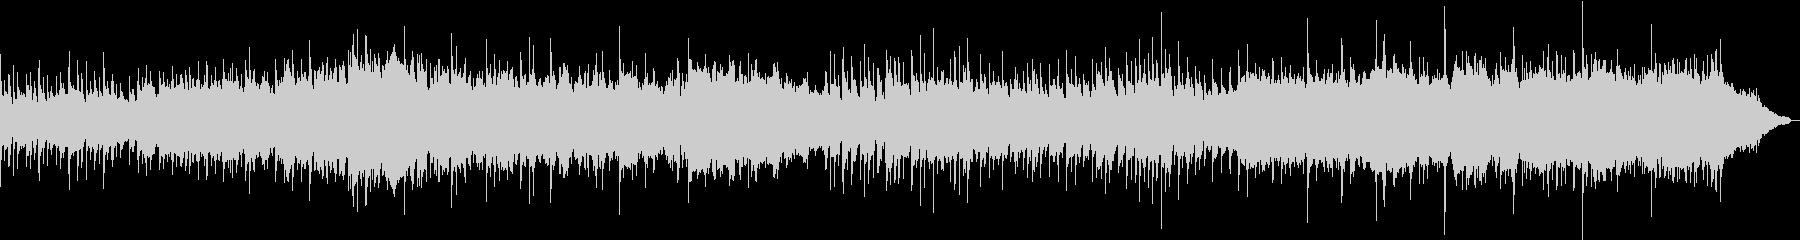 古ぼけたピアノのなつかしい雰囲気のBGMの未再生の波形